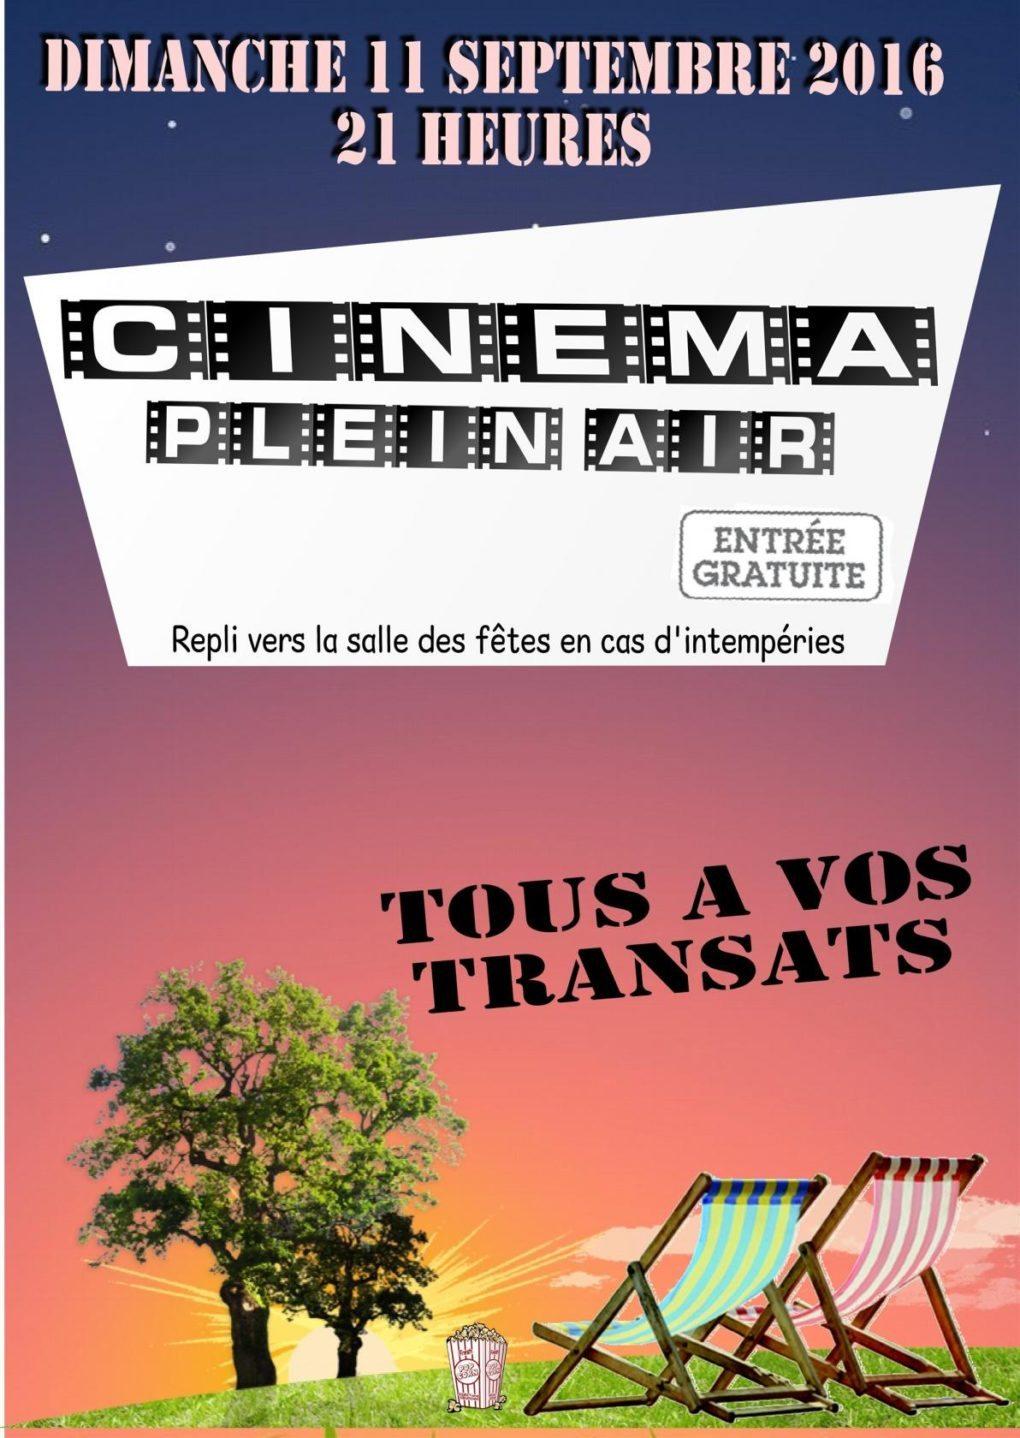 Cinéma Guécélard